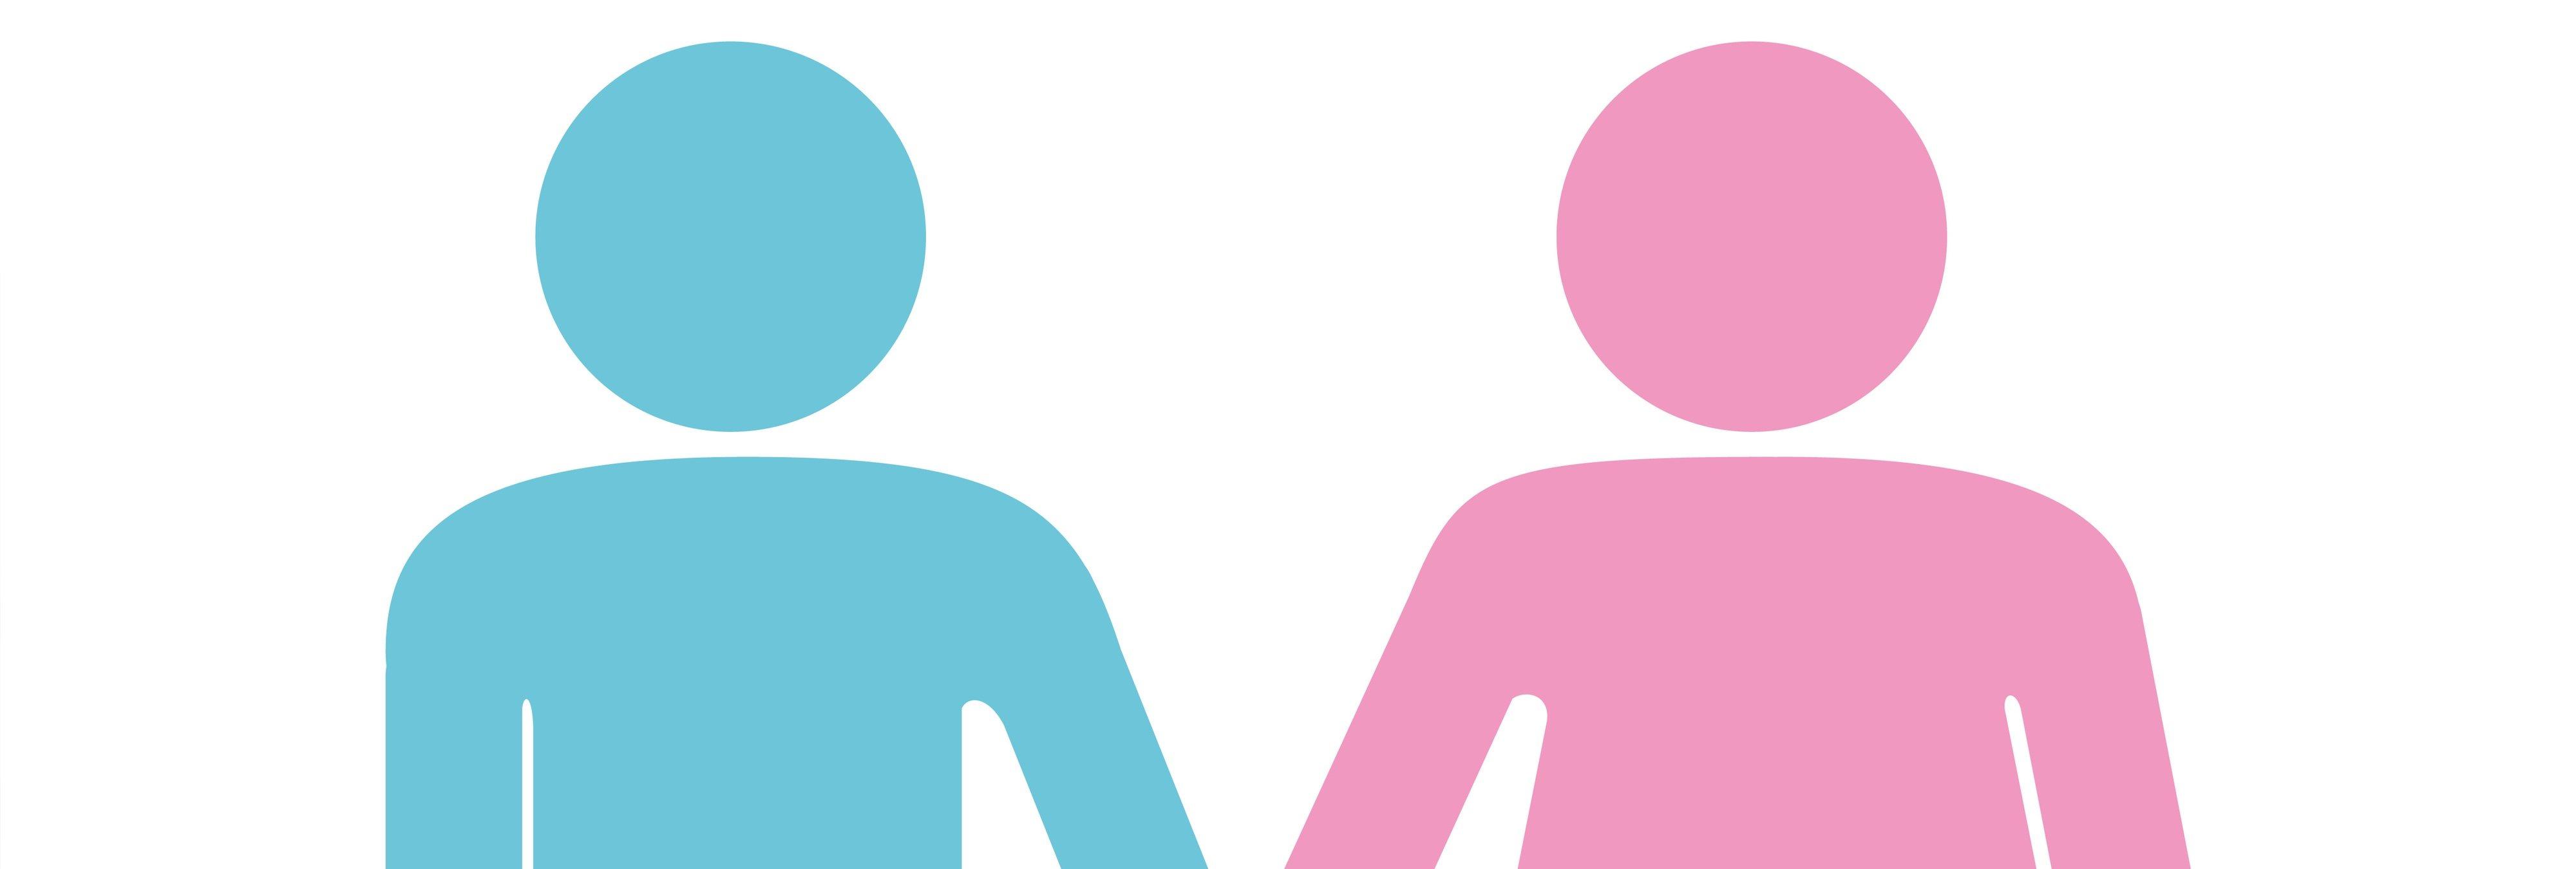 La genial respuesta de un niño a la dependienta que le prohibió comprar pantalones rosas